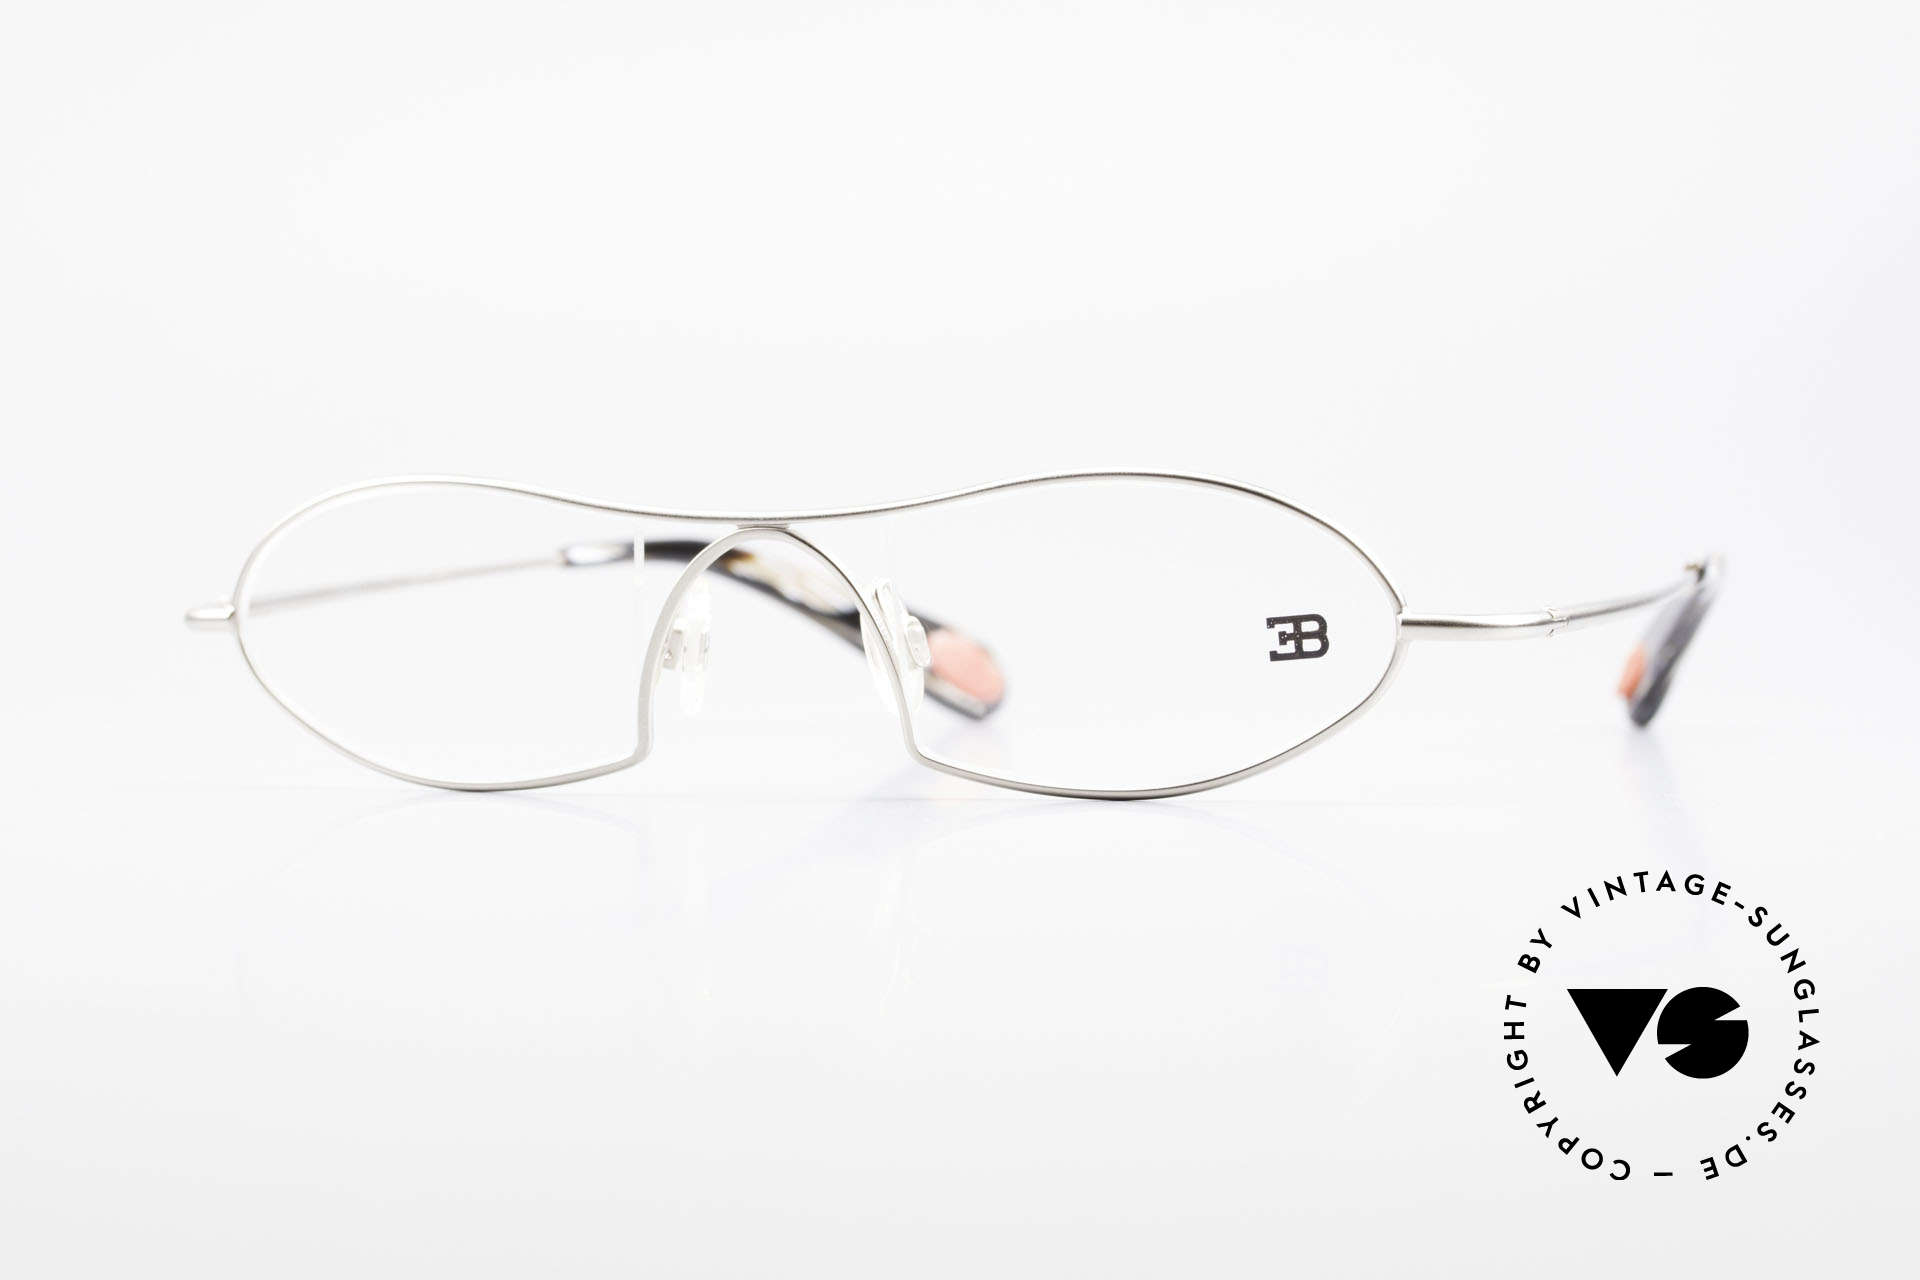 Bugatti 351 Odotype Designer Herrenbrille Luxus, ORIGINAL high-tech Bugatti Brillenfasssung, Passend für Herren